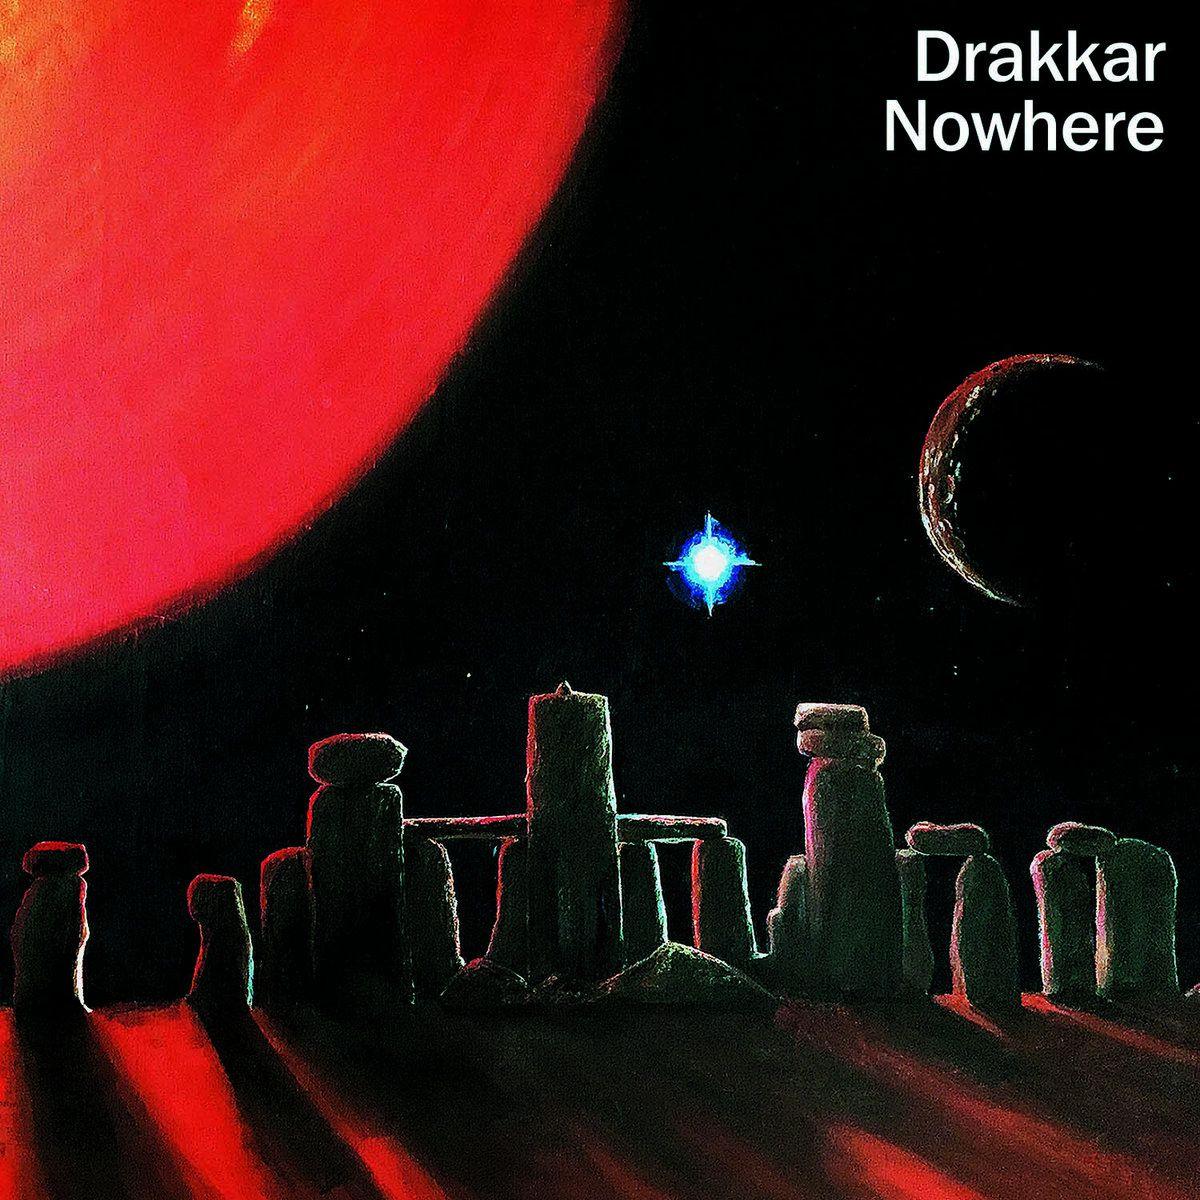 DRAKKAR NOWHERE - Drakkar Nowhere (2016)